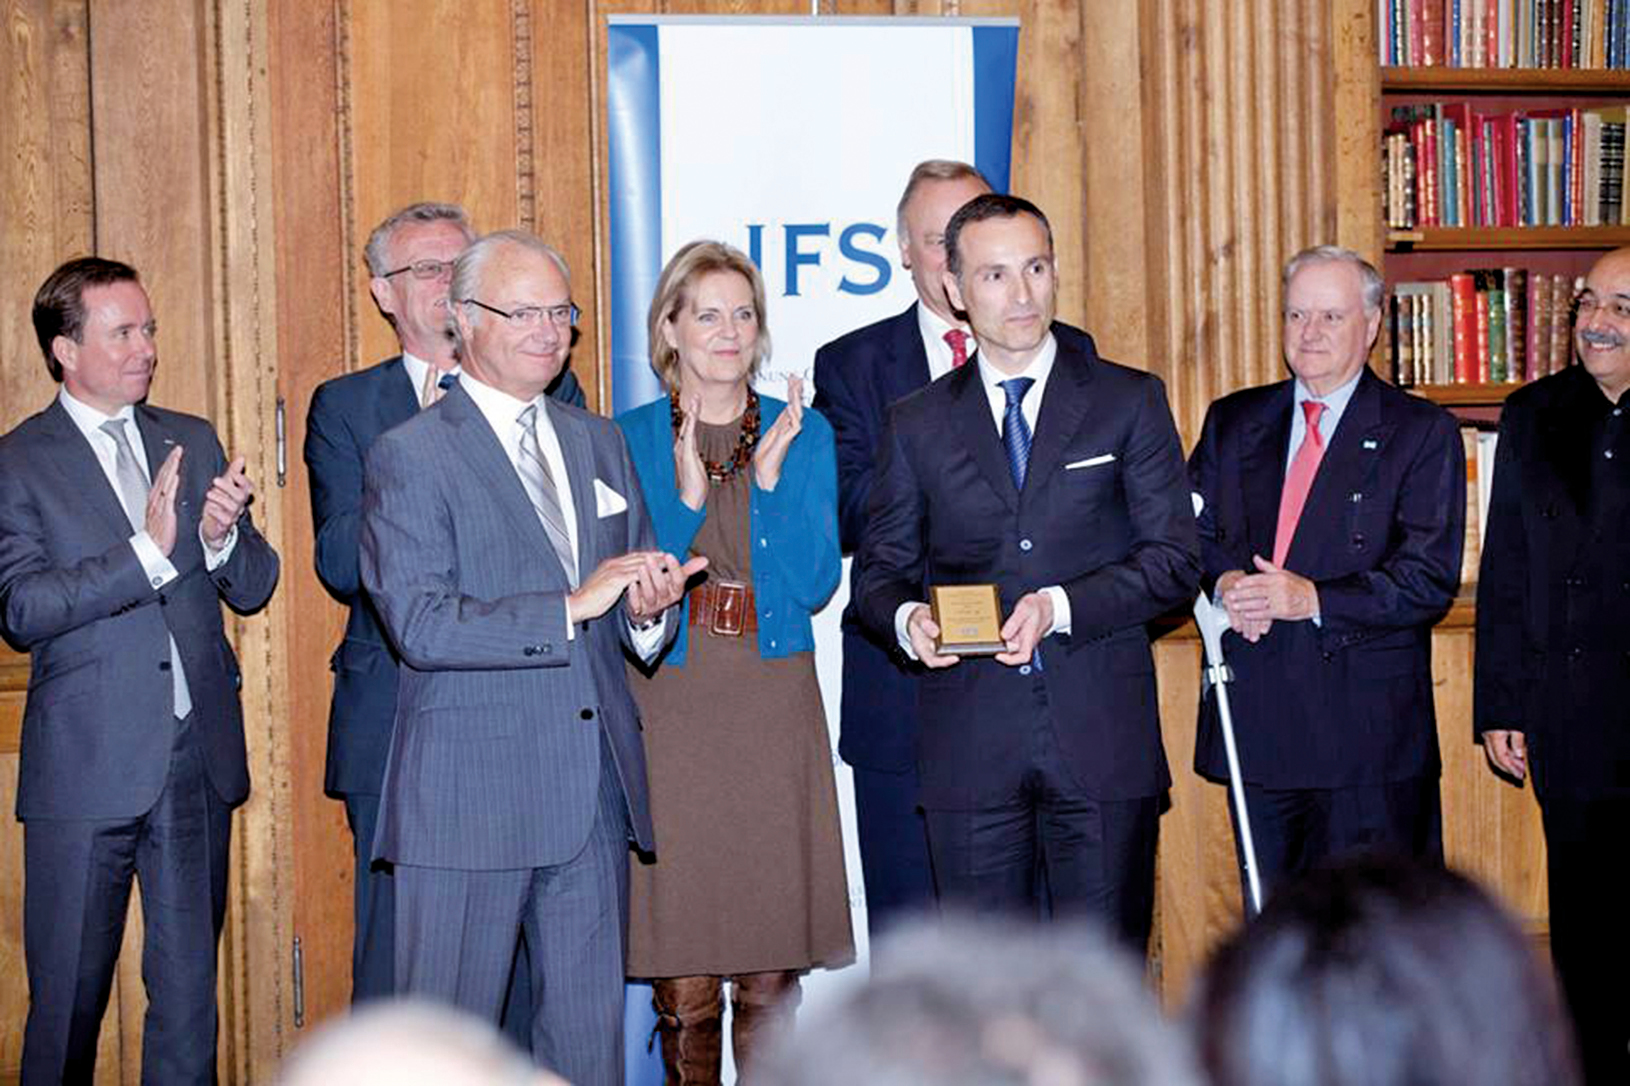 2011年10月17日,瓦西柳斯•祖朴尼第斯獲得「國王卡爾十六世古斯塔夫獎」。(Vasilios Zoupounidis/Facebook)